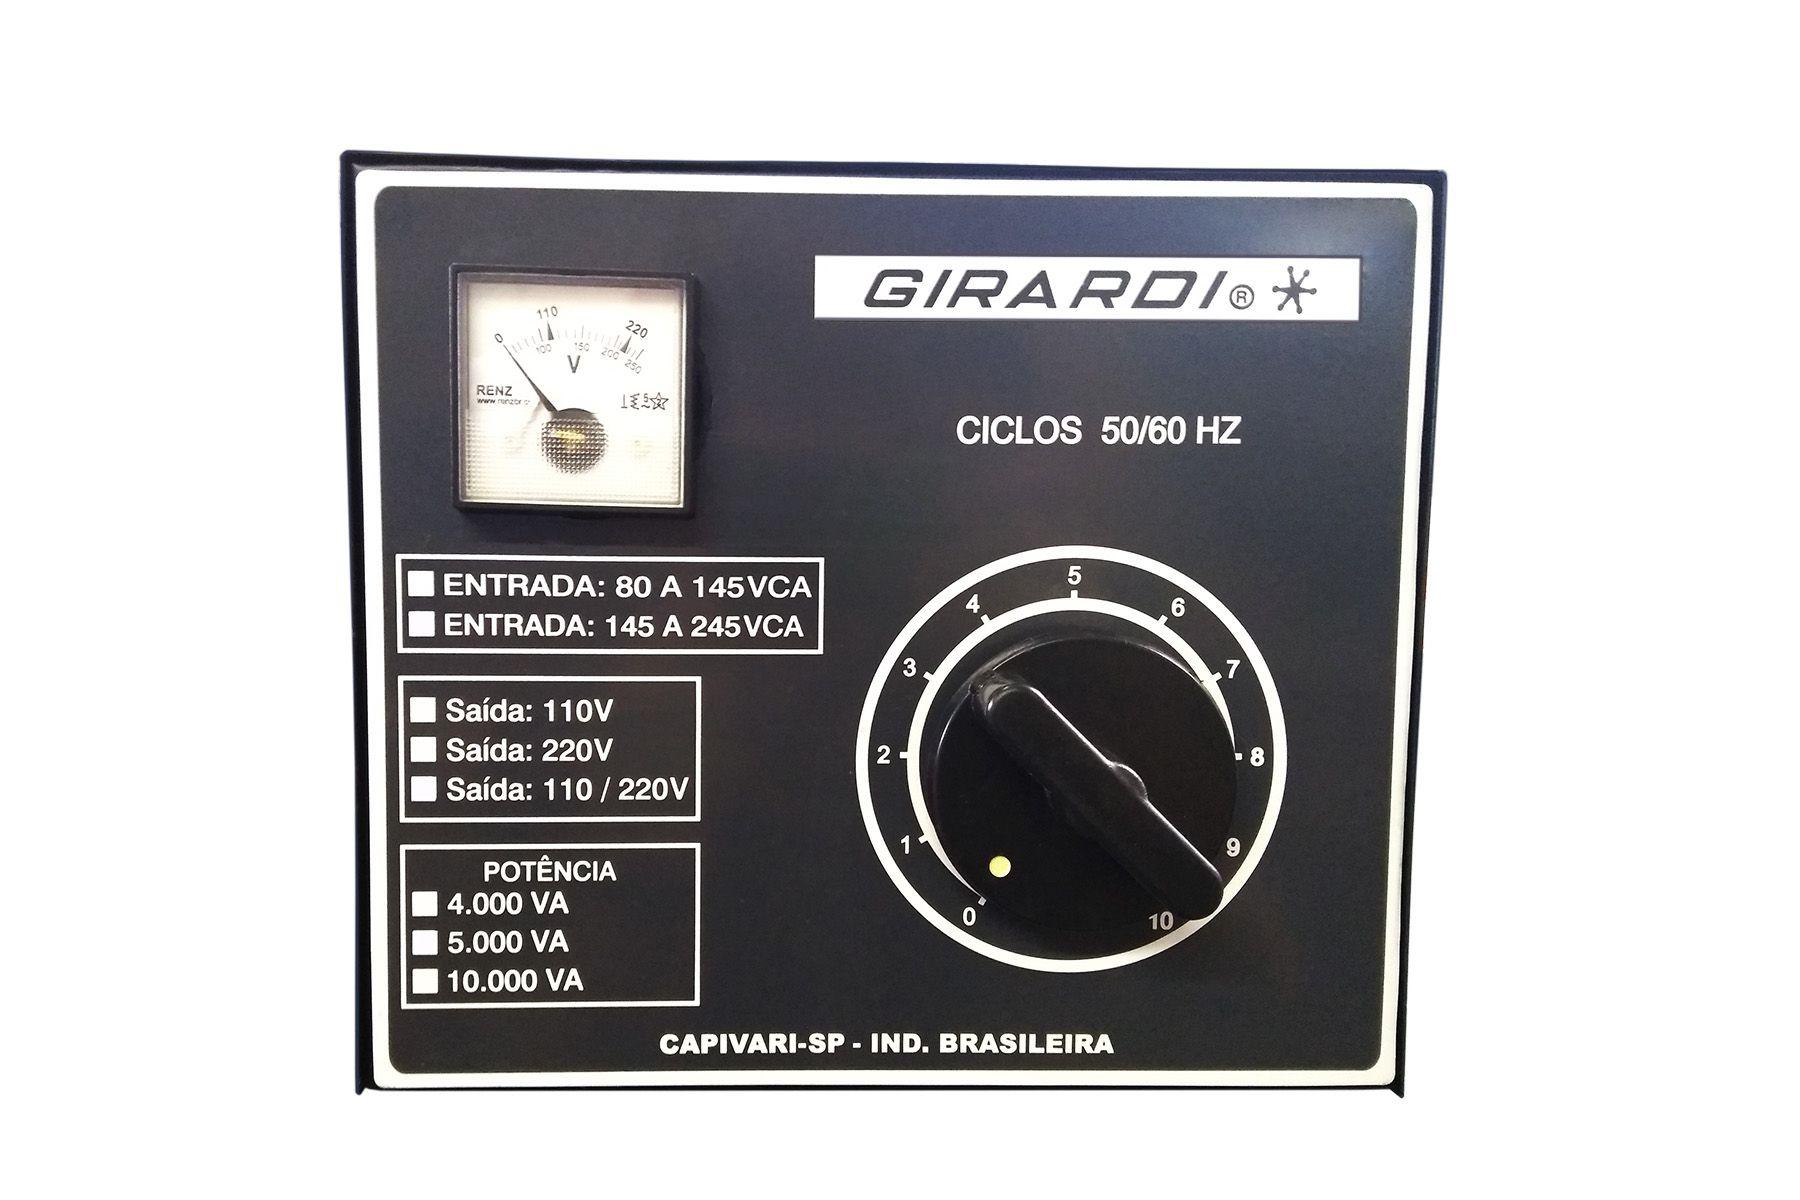 Regulador Manual De Tensão / Voltagem  Girardi 4000VA Entrada 110V Saída Bivolt